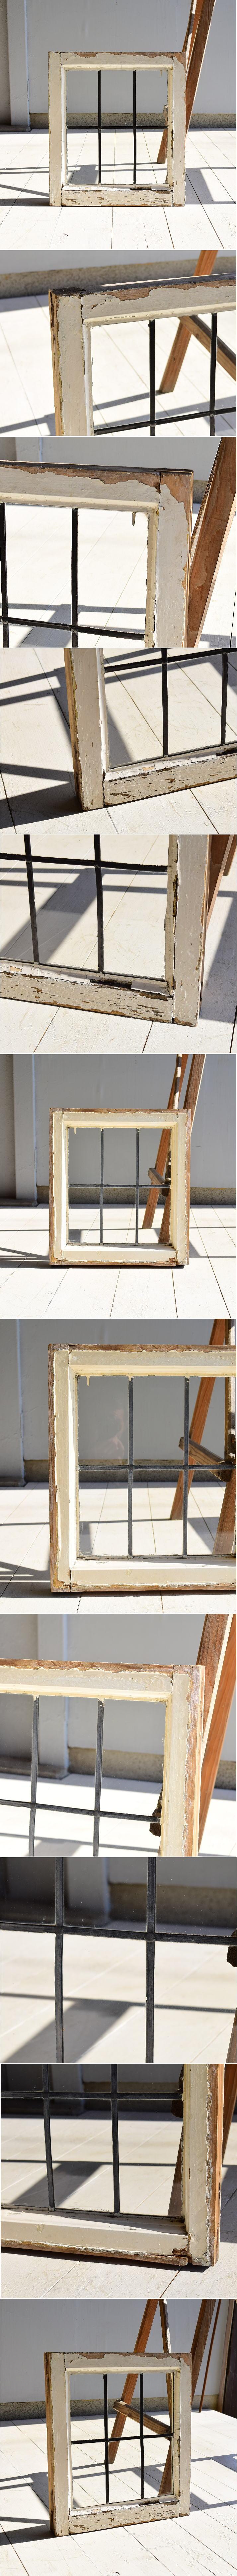 イギリス アンティーク 格子窓 無色透明 6972